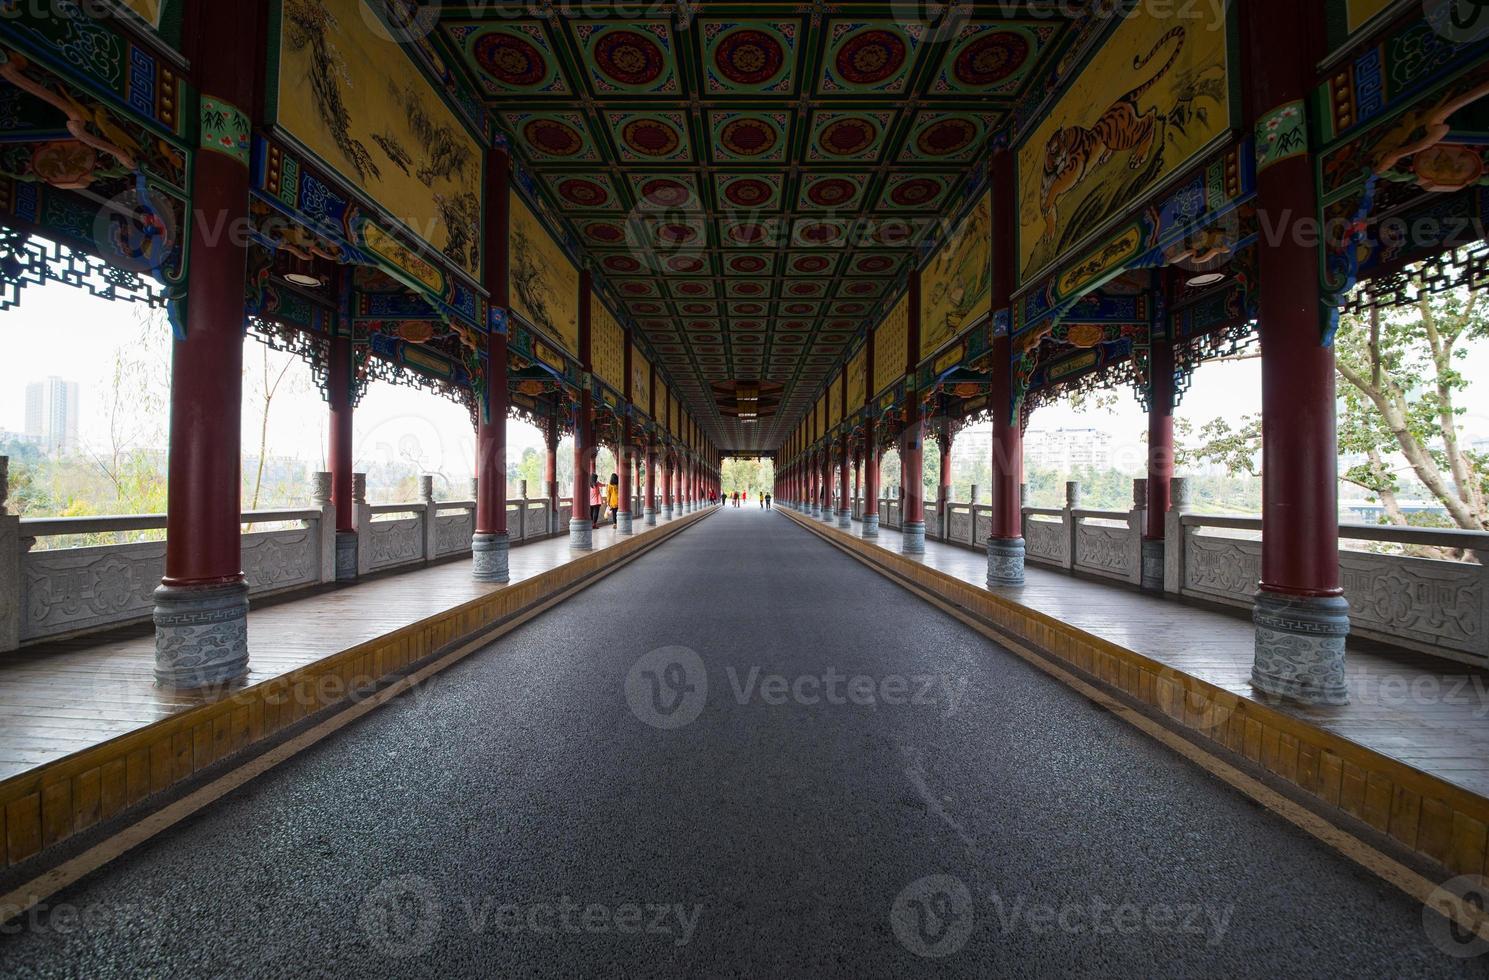 The Long Corridor photo